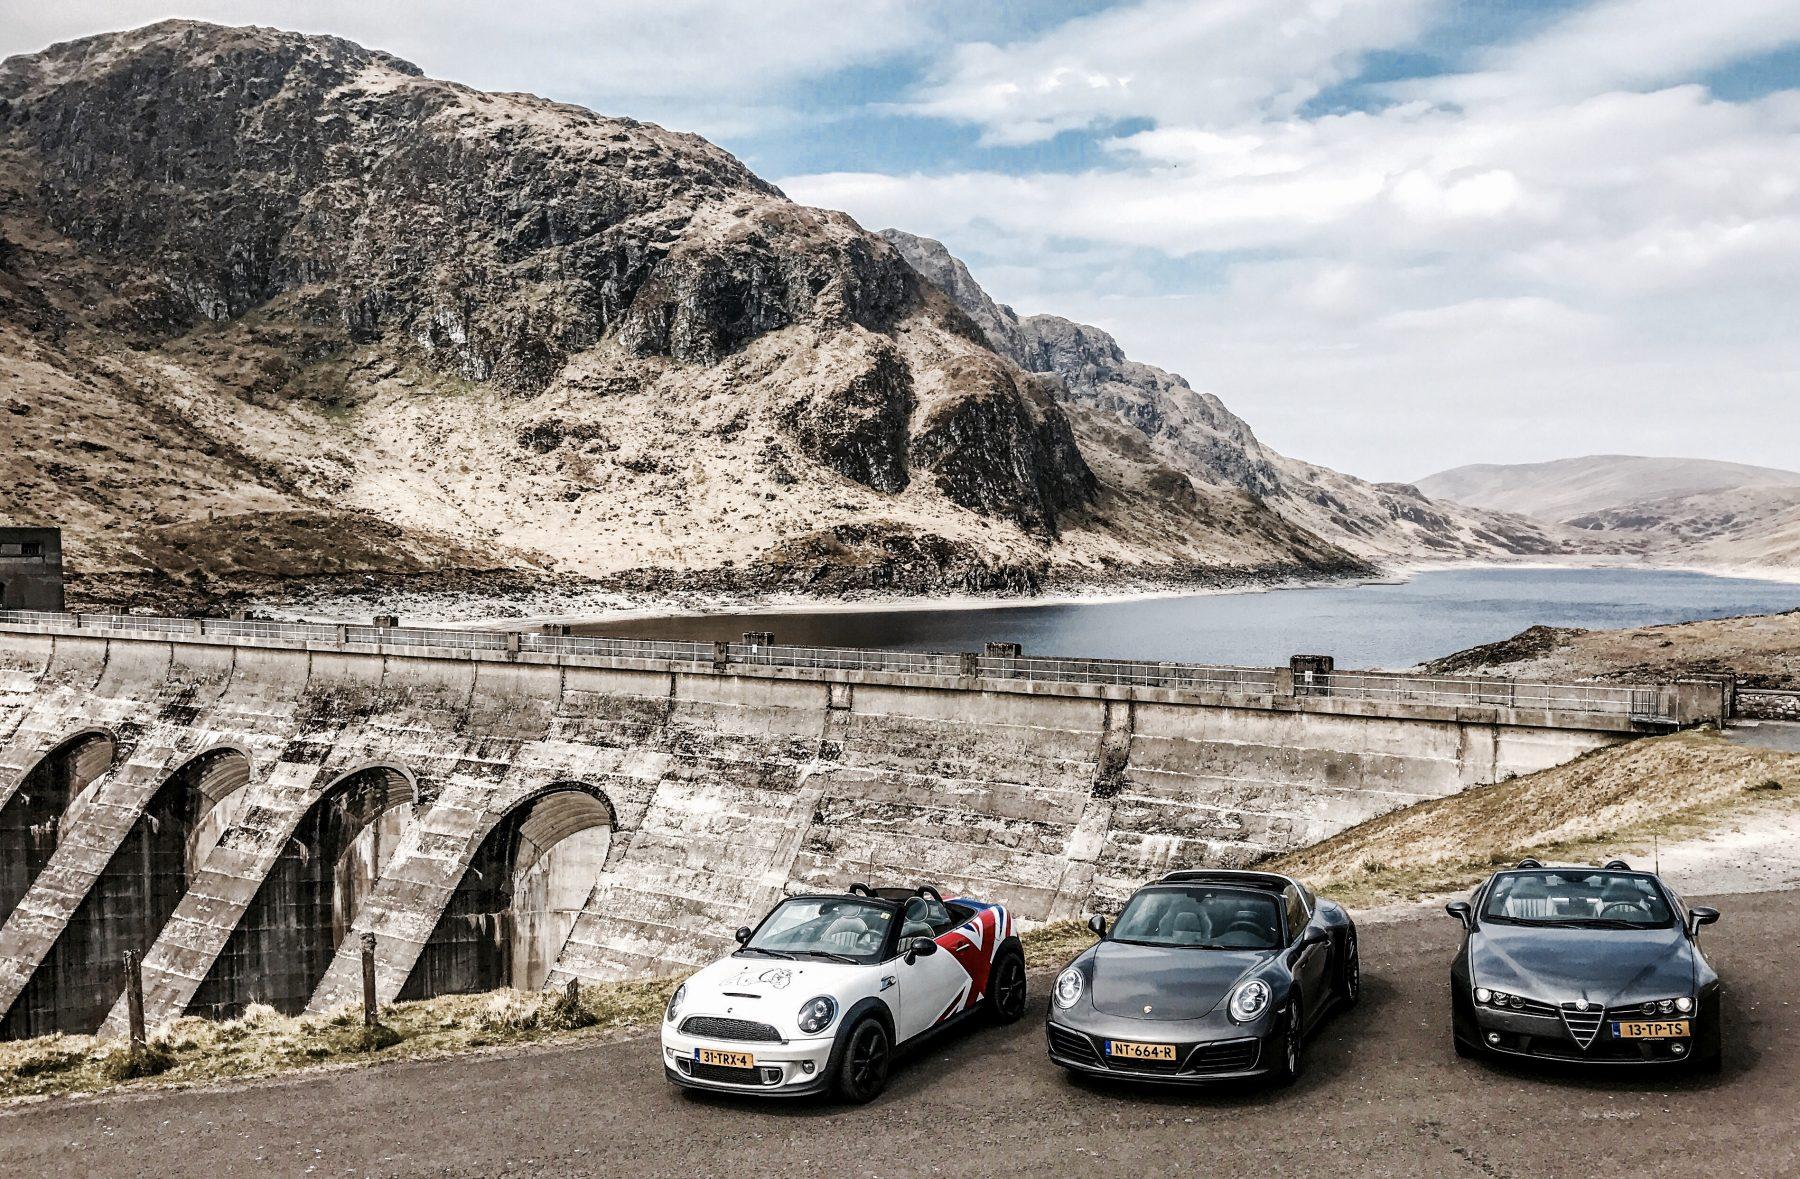 auto's bij ben lawers dam in schotland tijdens autoreis dolf dekking driving events reis